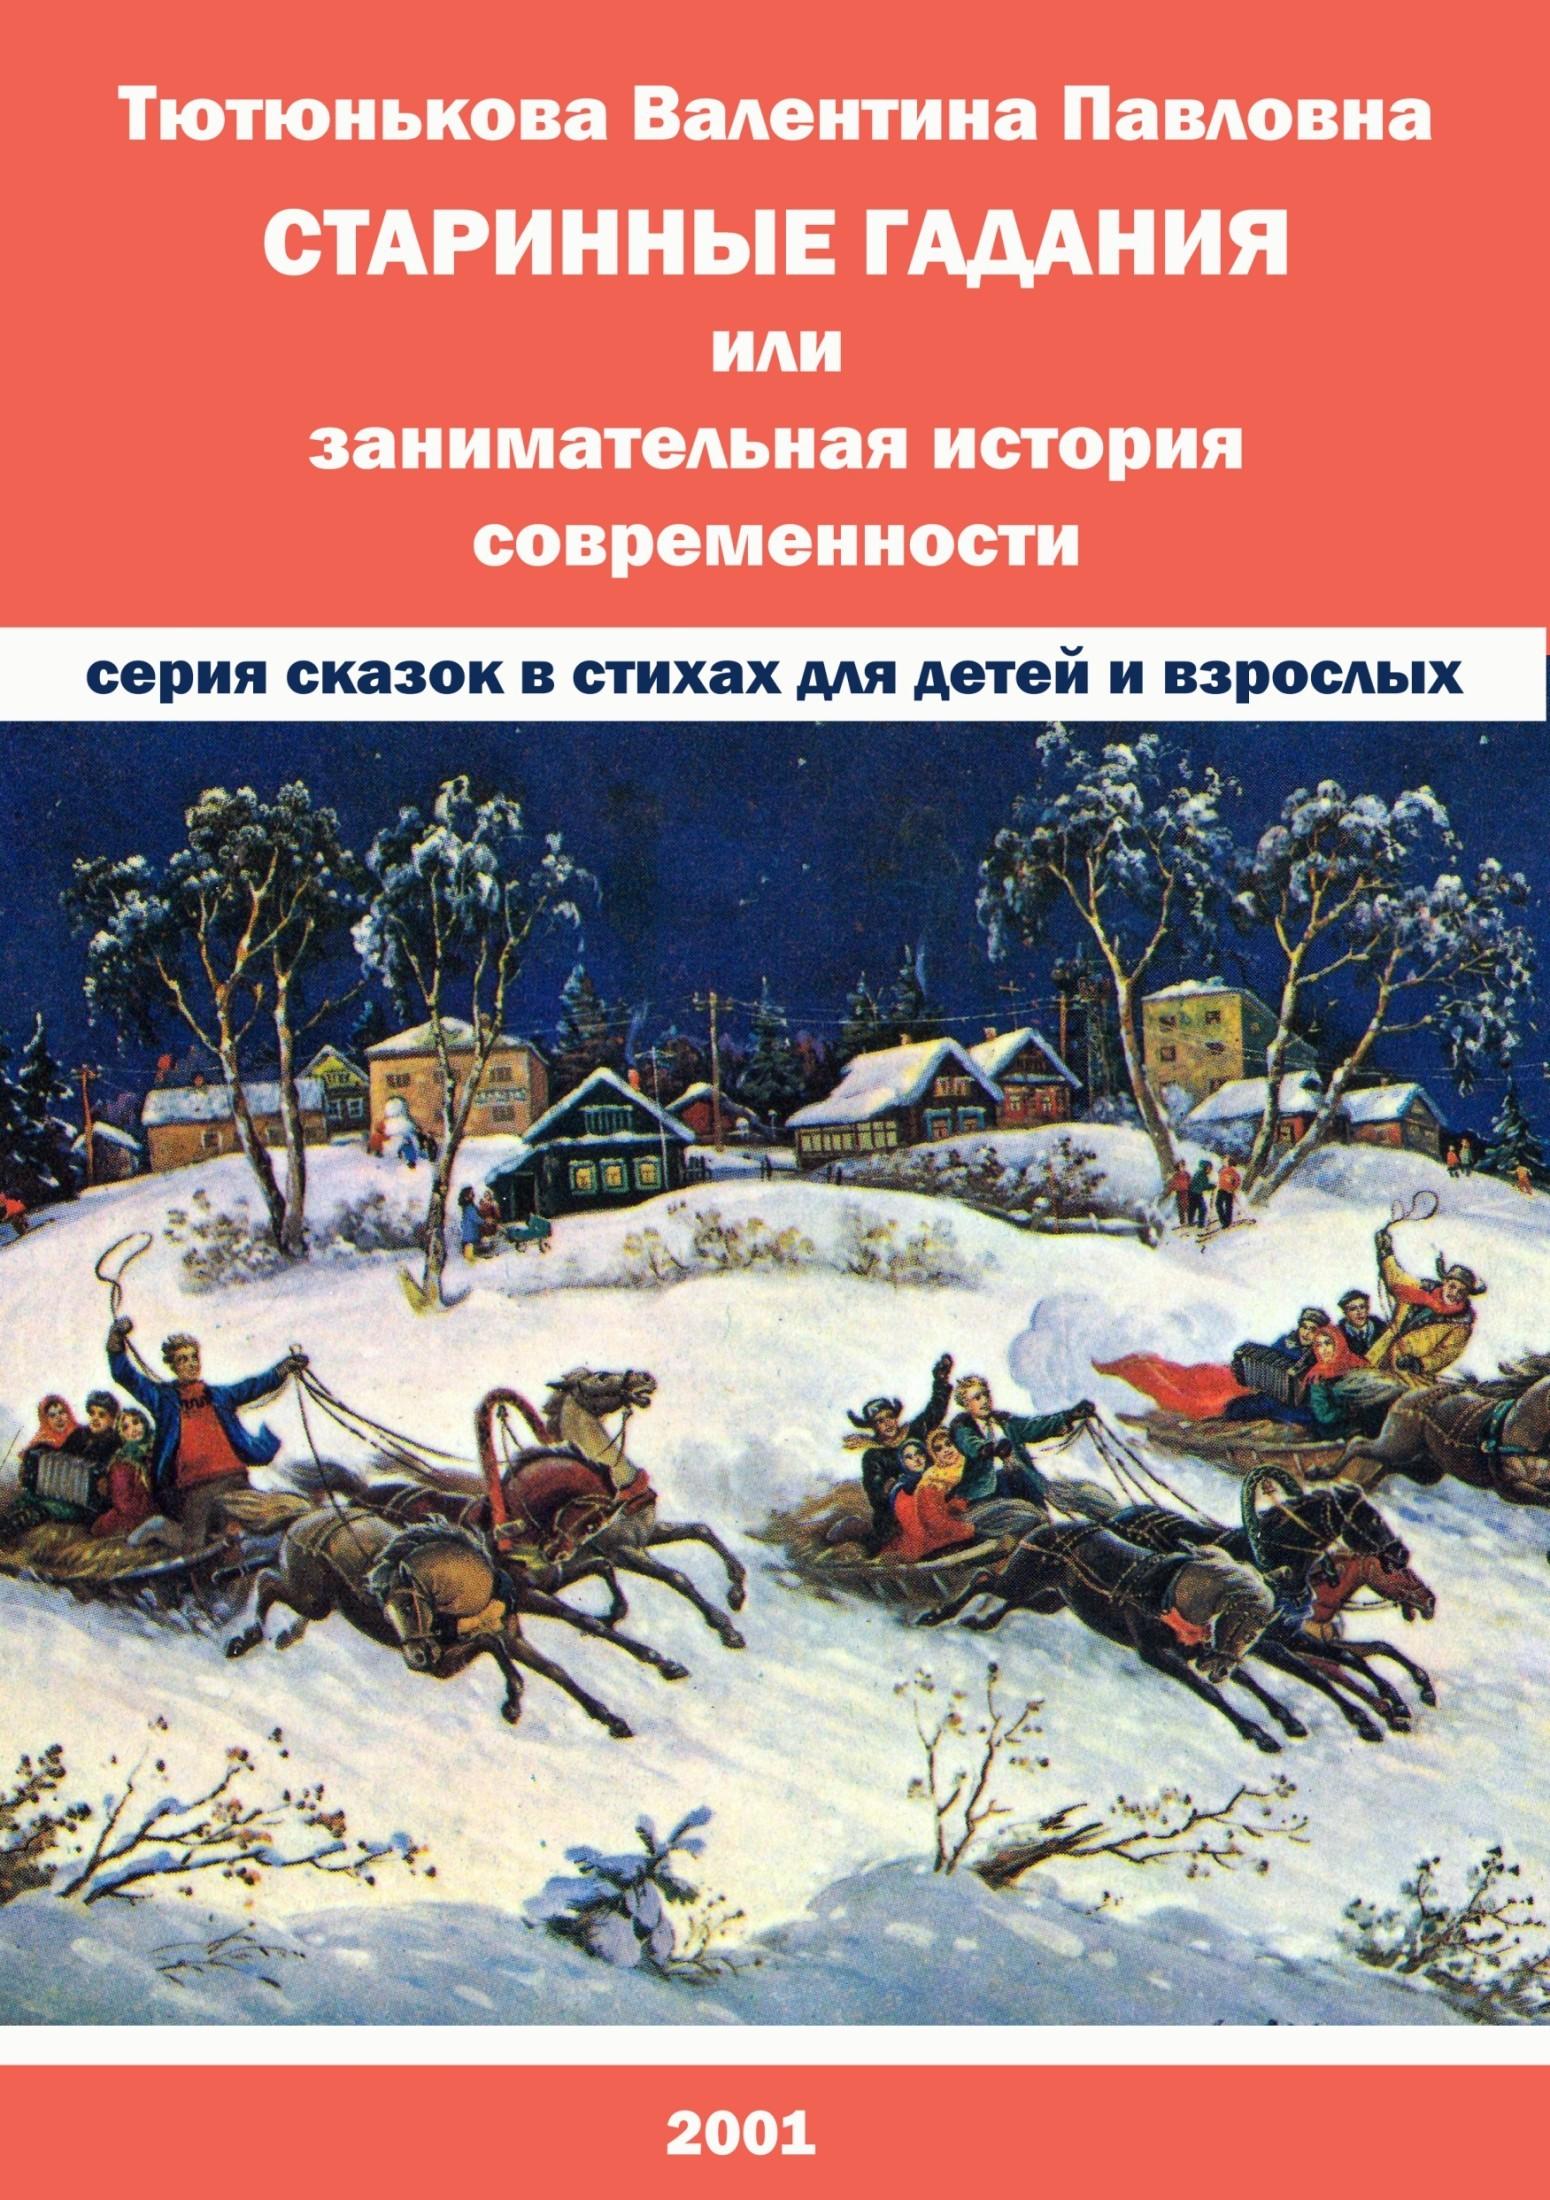 Валентина Тютюнькова - Старинные гадания, или Занимательная история современности